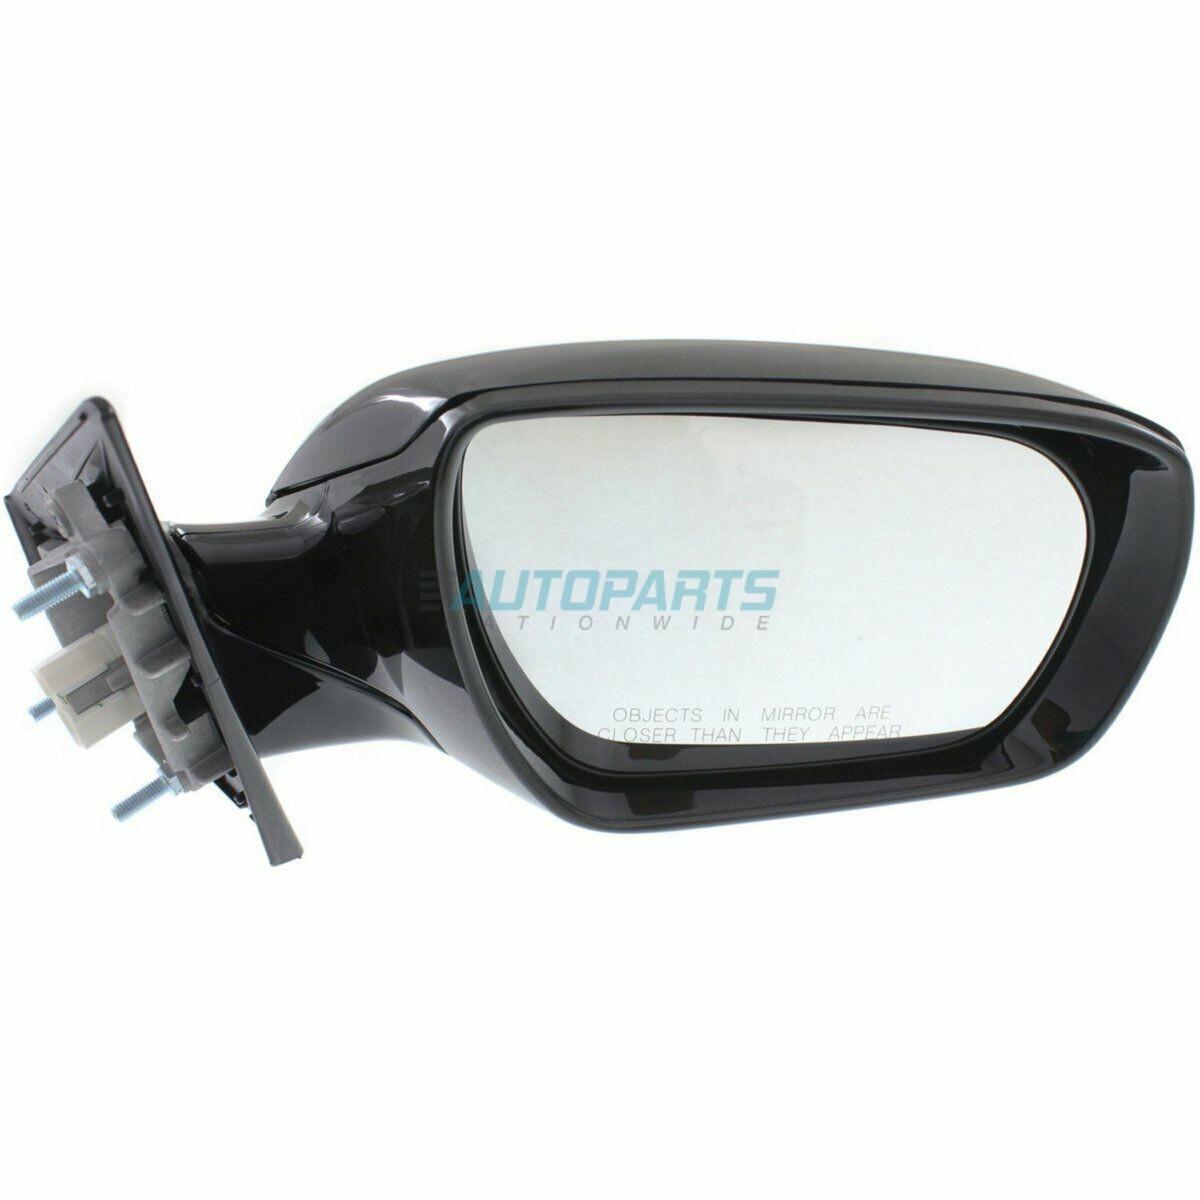 RH Side Power Heated Manual Folding Mirror Fits Hyundai Santa Fe HY1321200